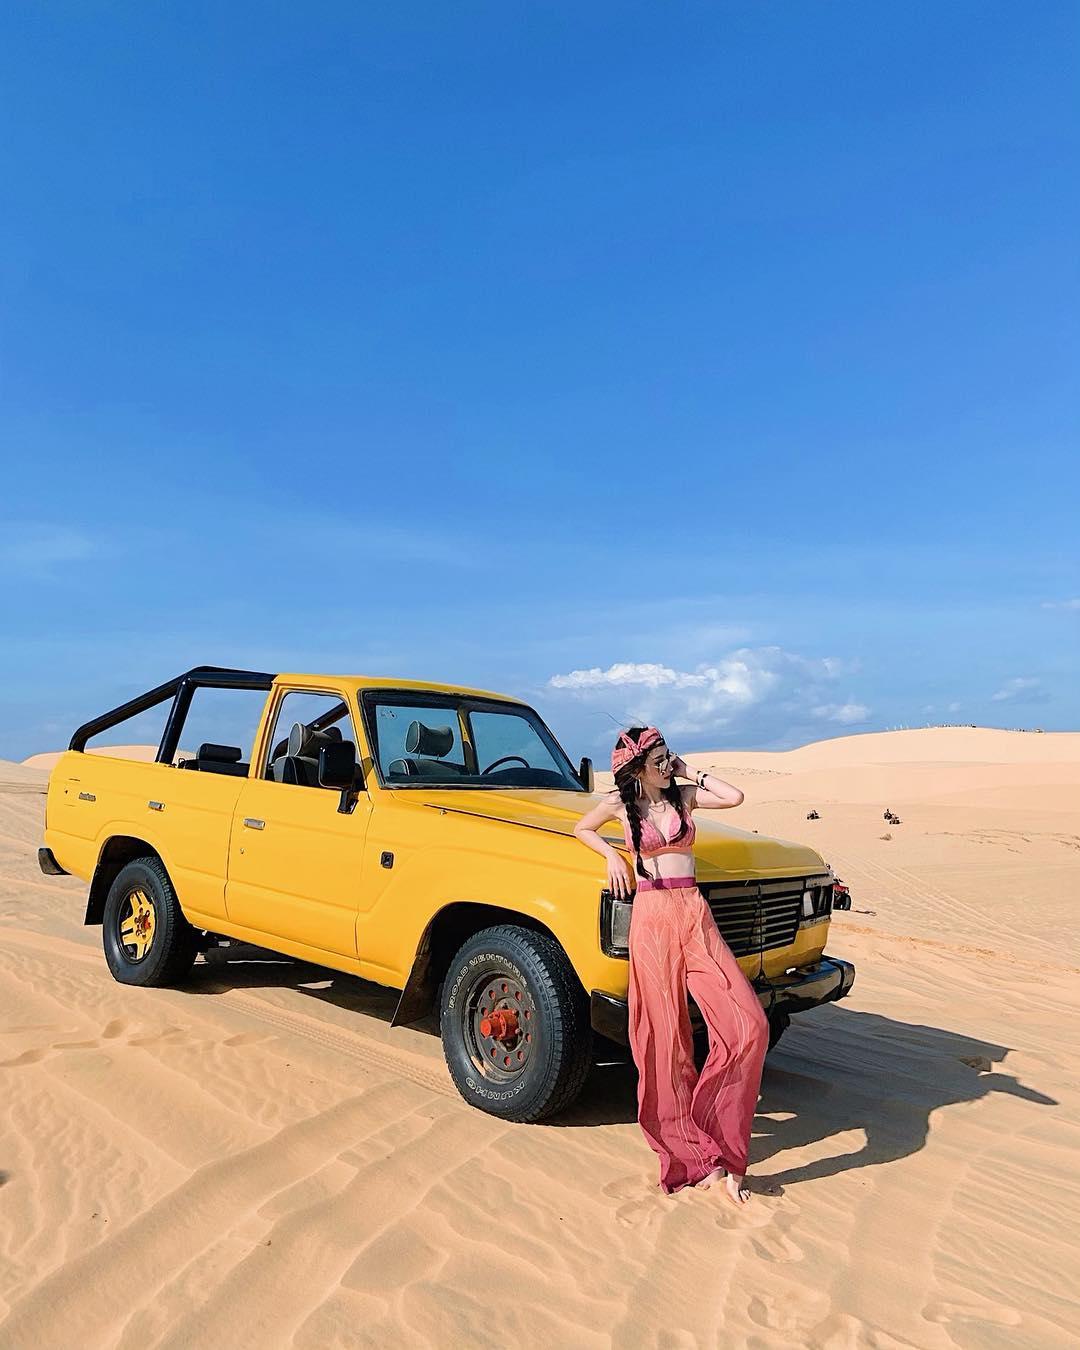 Đến Phan Thiết ngắm hoàng hôn lãng mạn nhất ở đồi cát Bàu Trắng - iVIVU.com